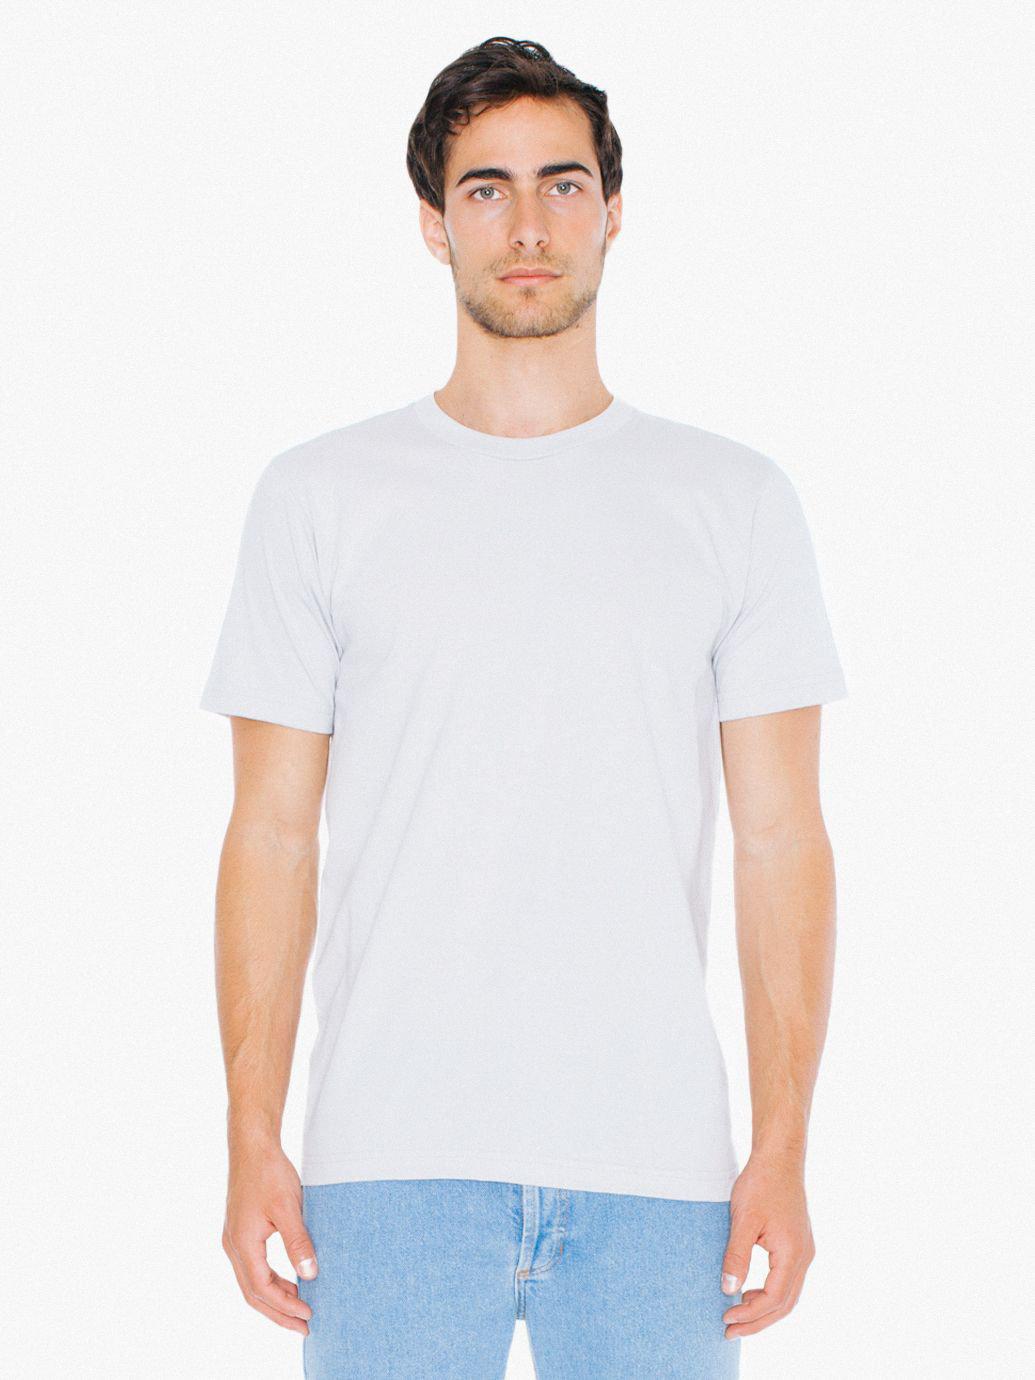 Fine Jersey Crewneck T-Shirt. 2001.  10.00  22.00 84eaf6e2e1812